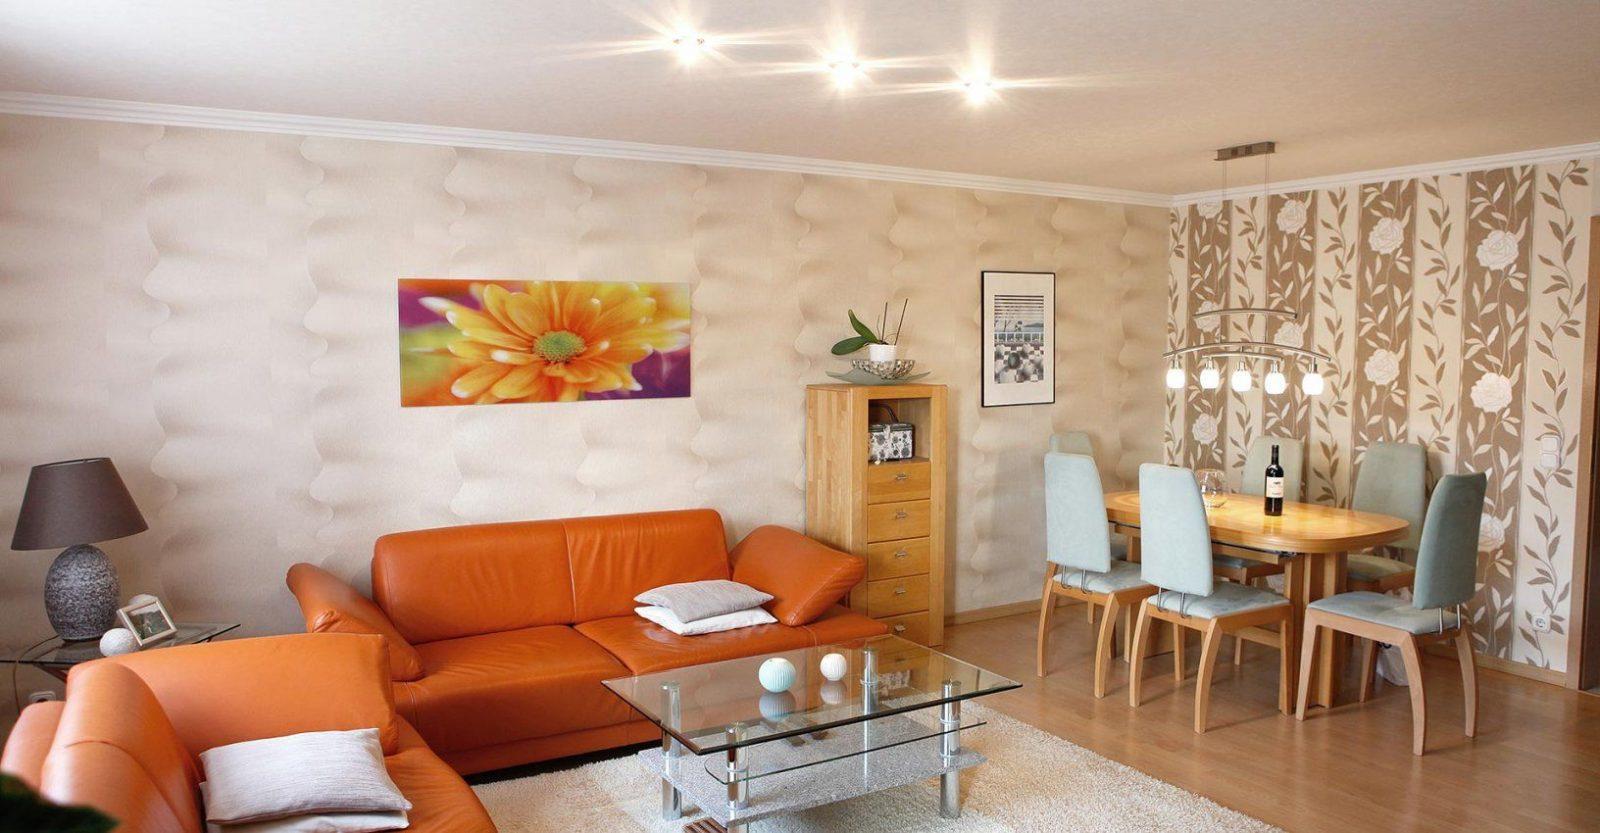 Trkise Tapete Finest Awesome Wand Muster With Trkise Tapeten Mit von Schöne Wände Ohne Tapete Bild